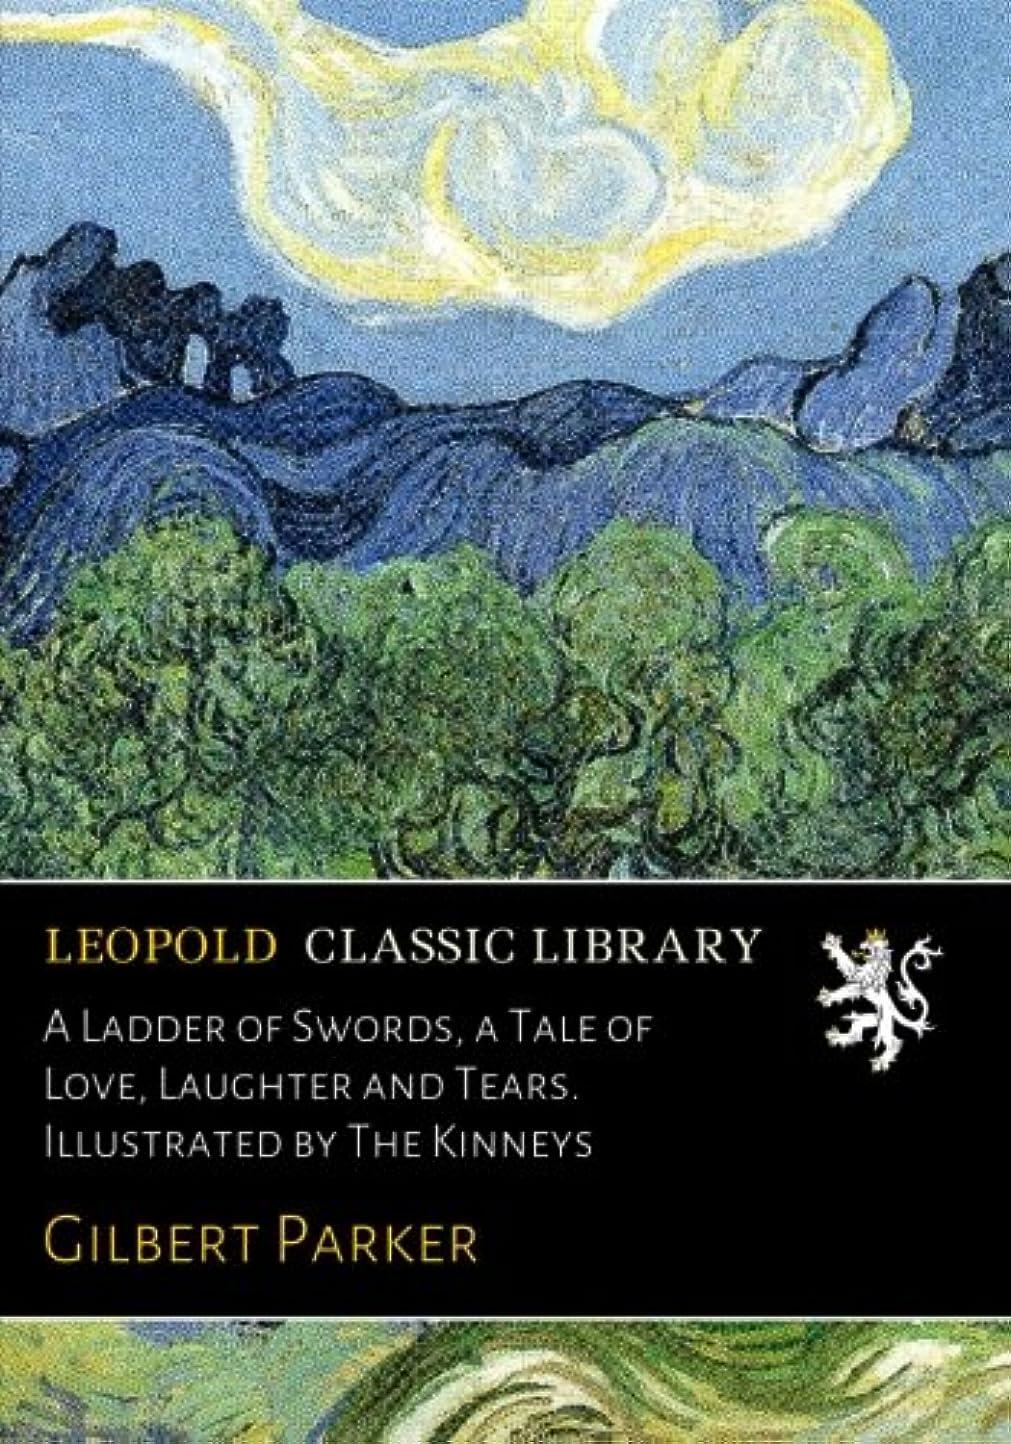 応用ホバート証明A Ladder of Swords, a Tale of Love, Laughter and Tears. Illustrated by The Kinneys